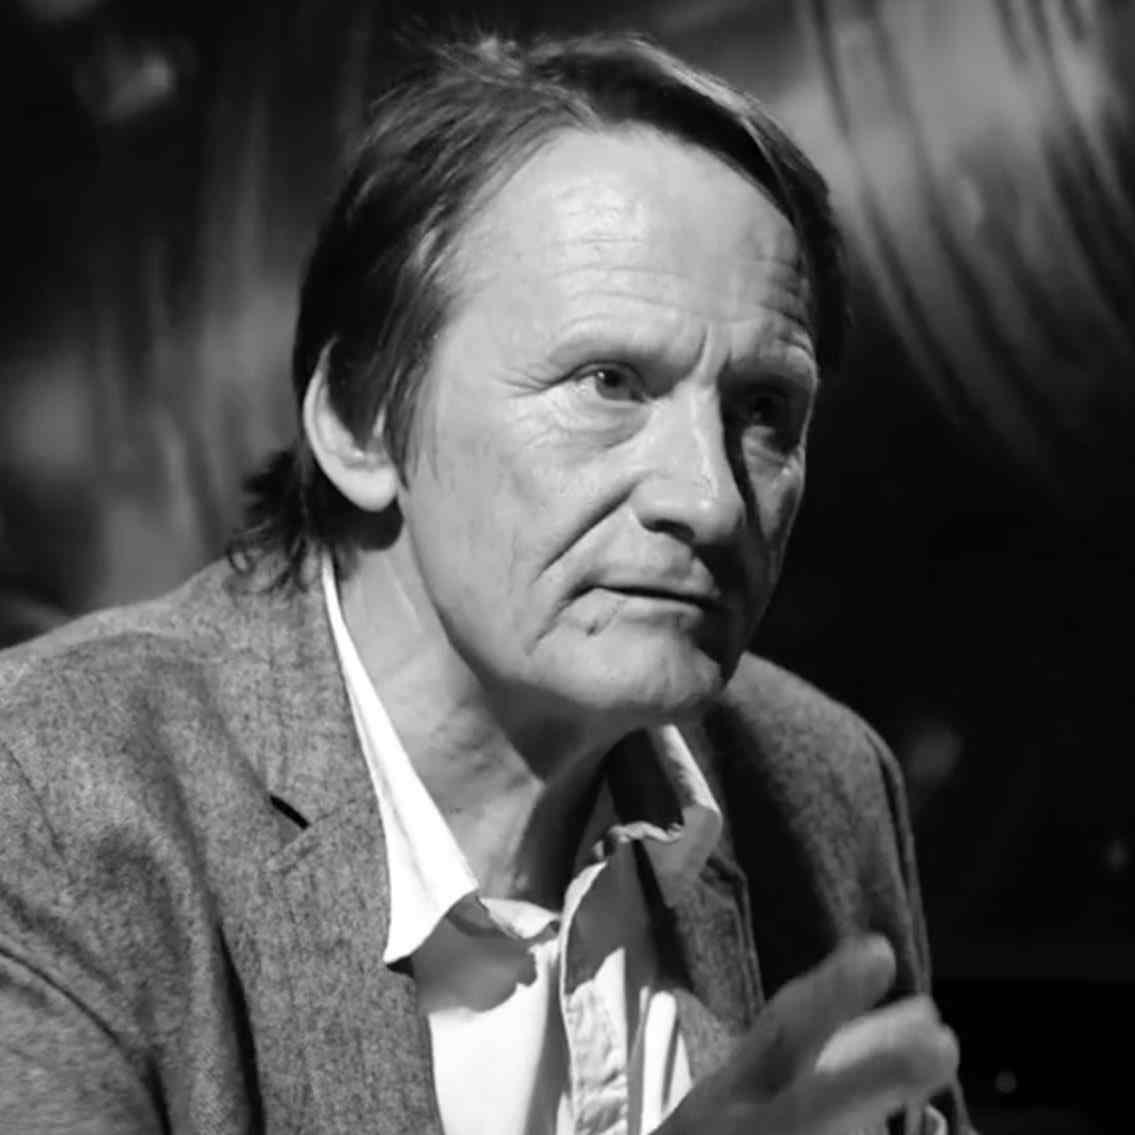 Gilles Luneau